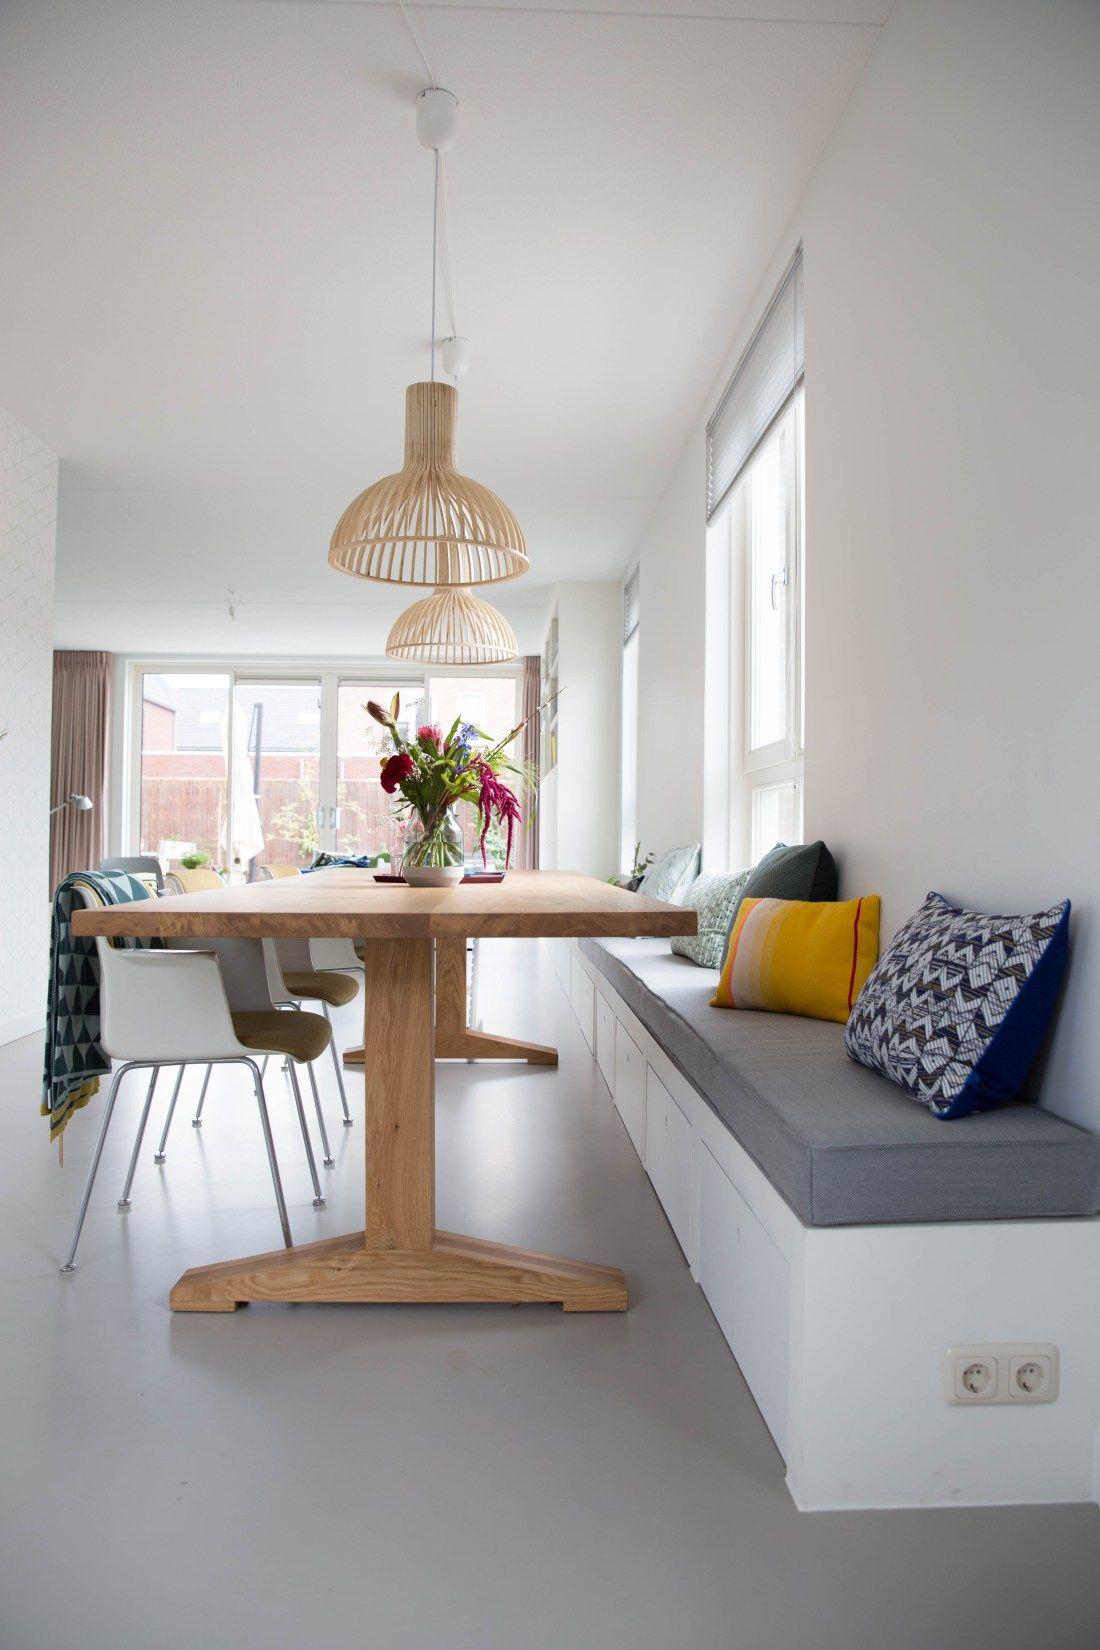 Femkeido Project - de Sniep | Femkeido Interior Design | Pinterest ...